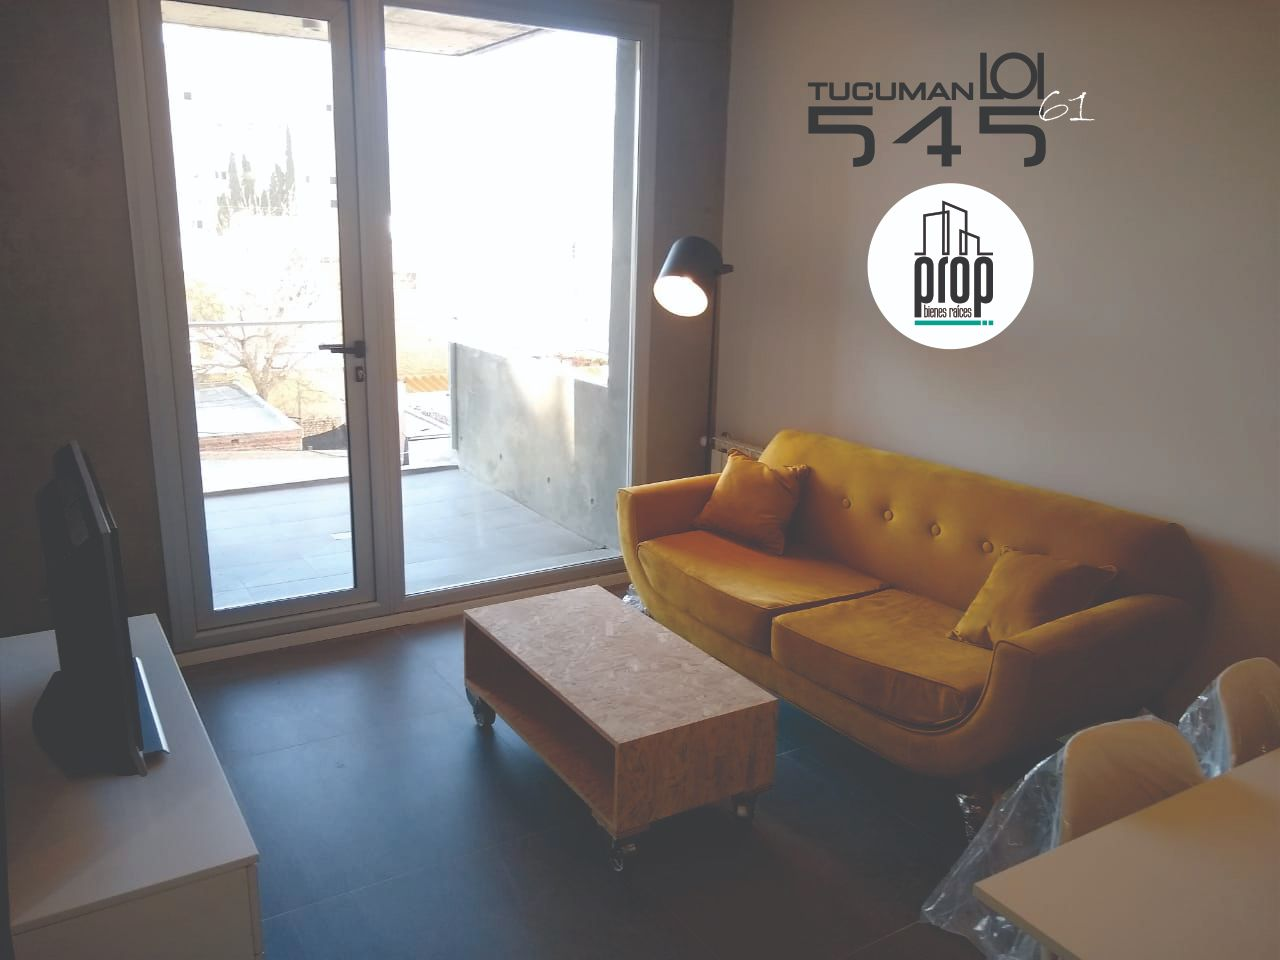 Departamento 1 dormitorio a estrenar | LOI 61 – Tucumán 545